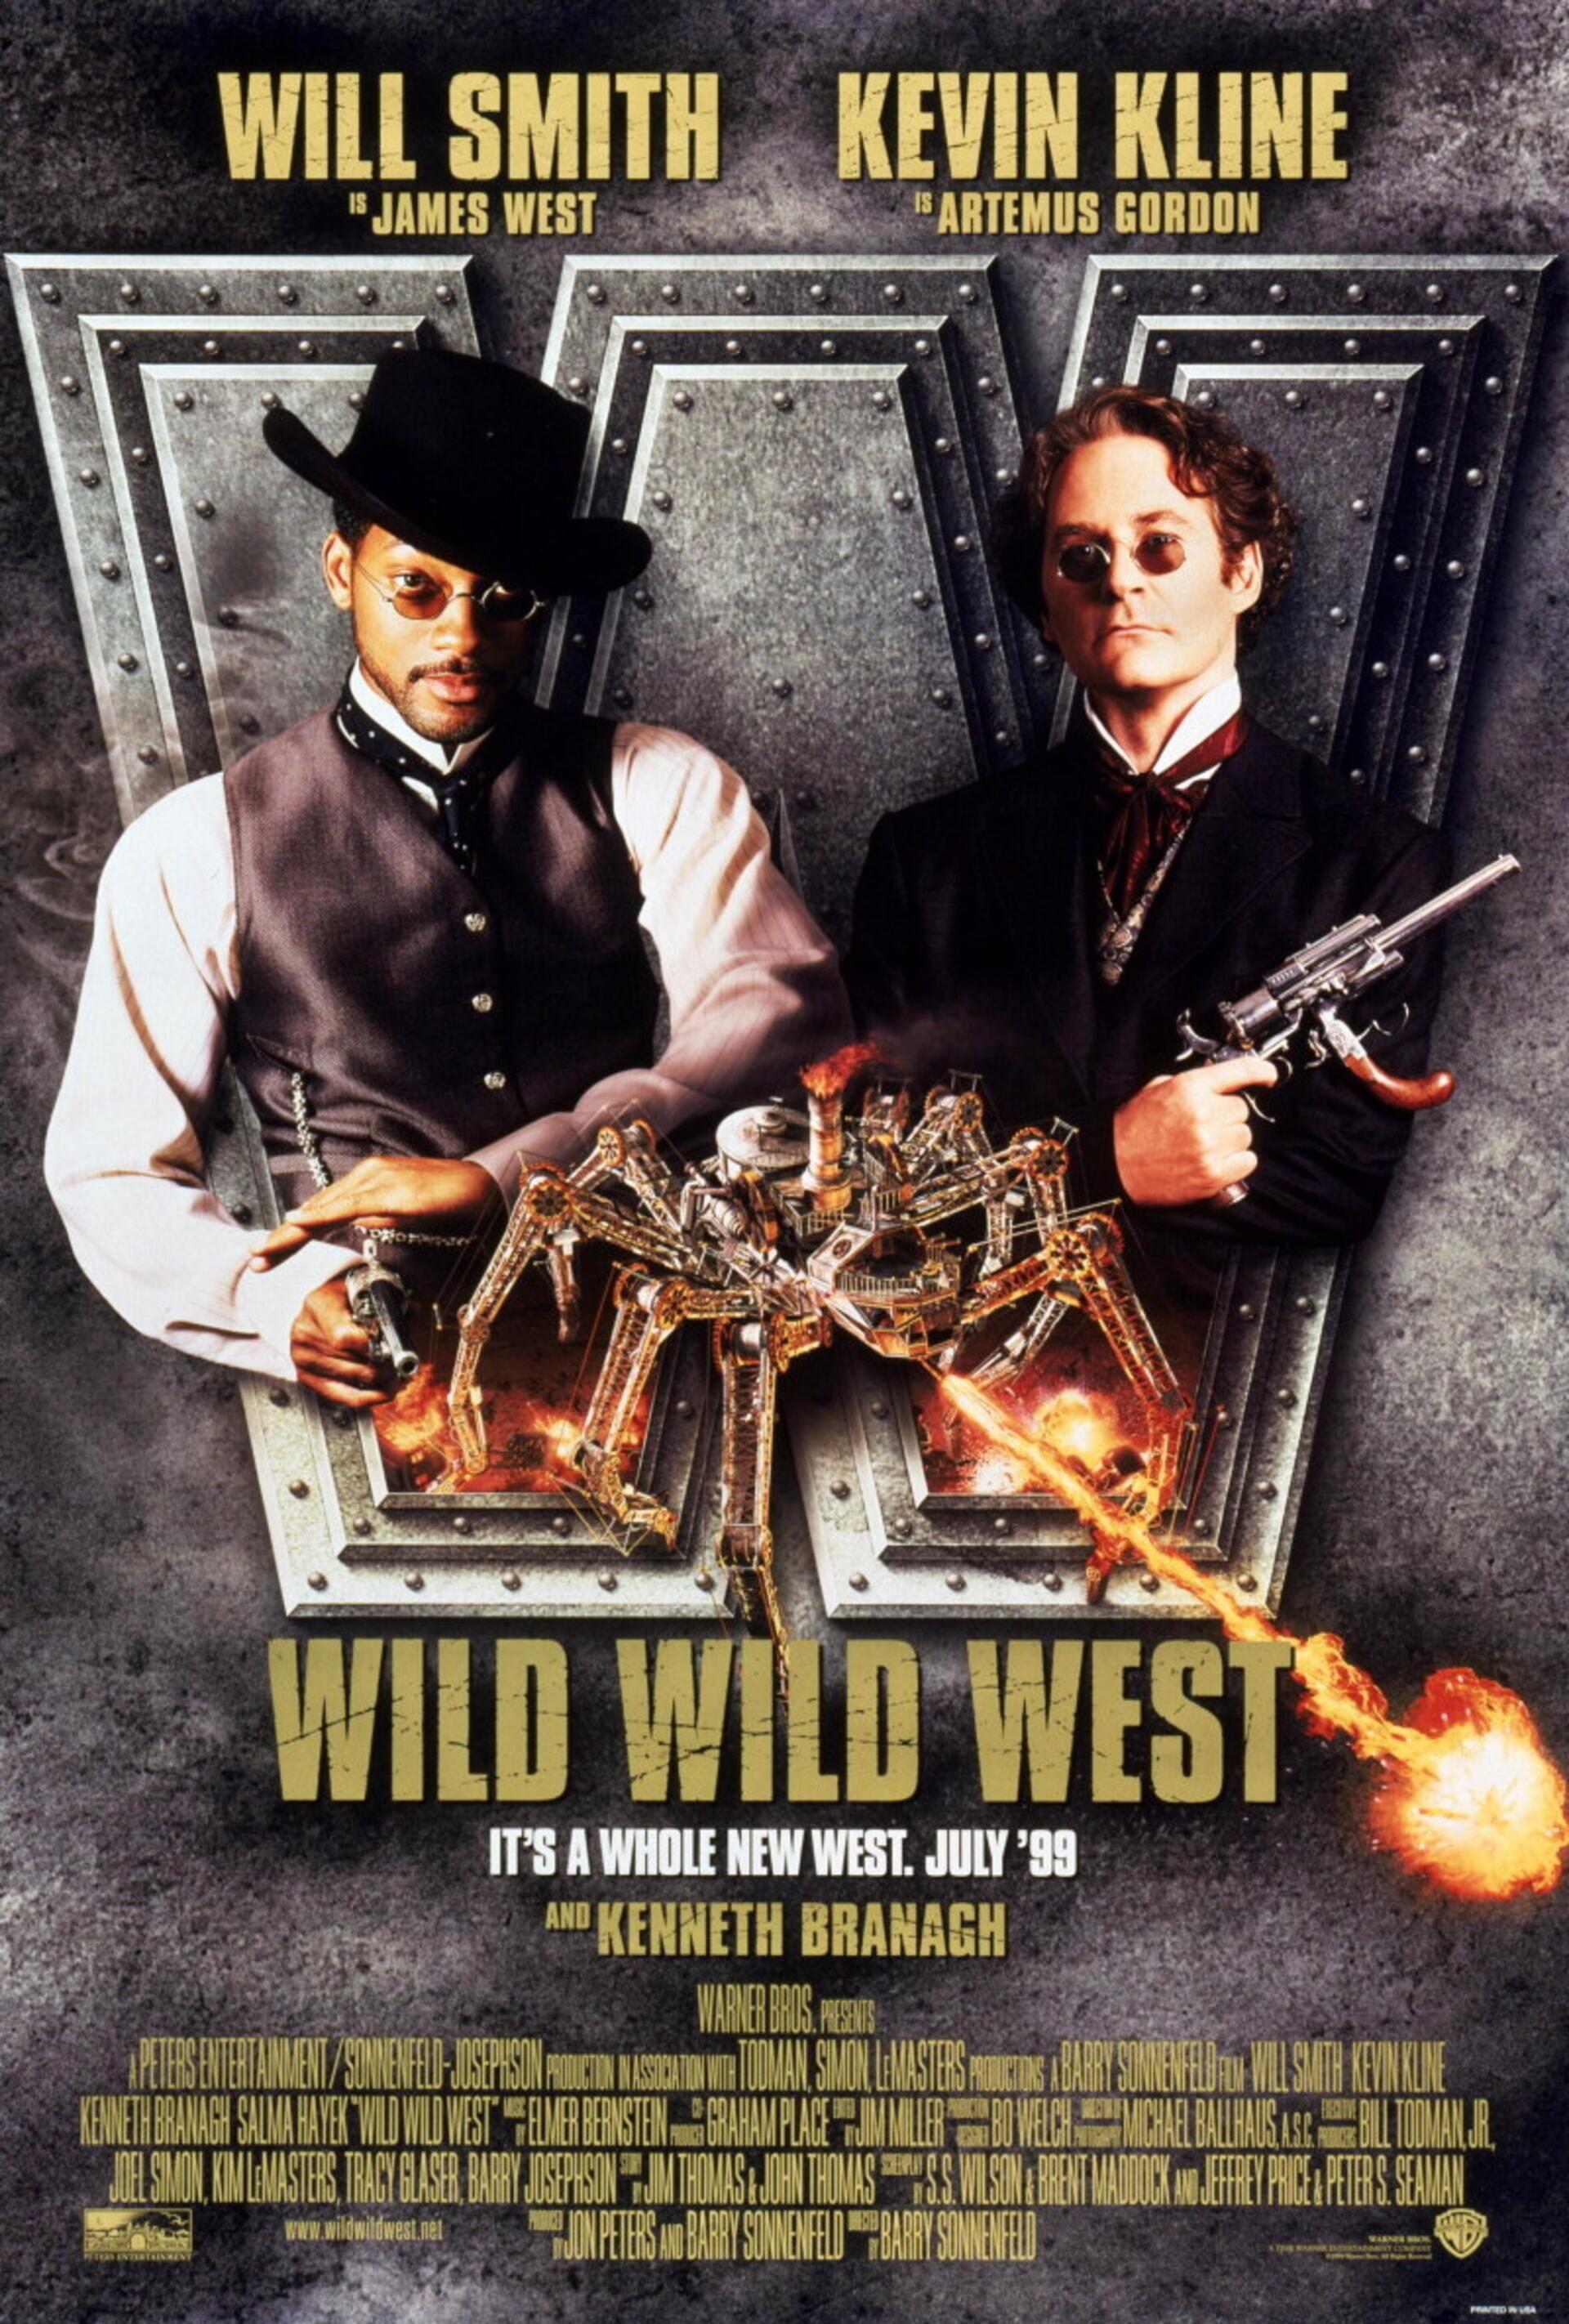 Wild Wild West - Poster 1